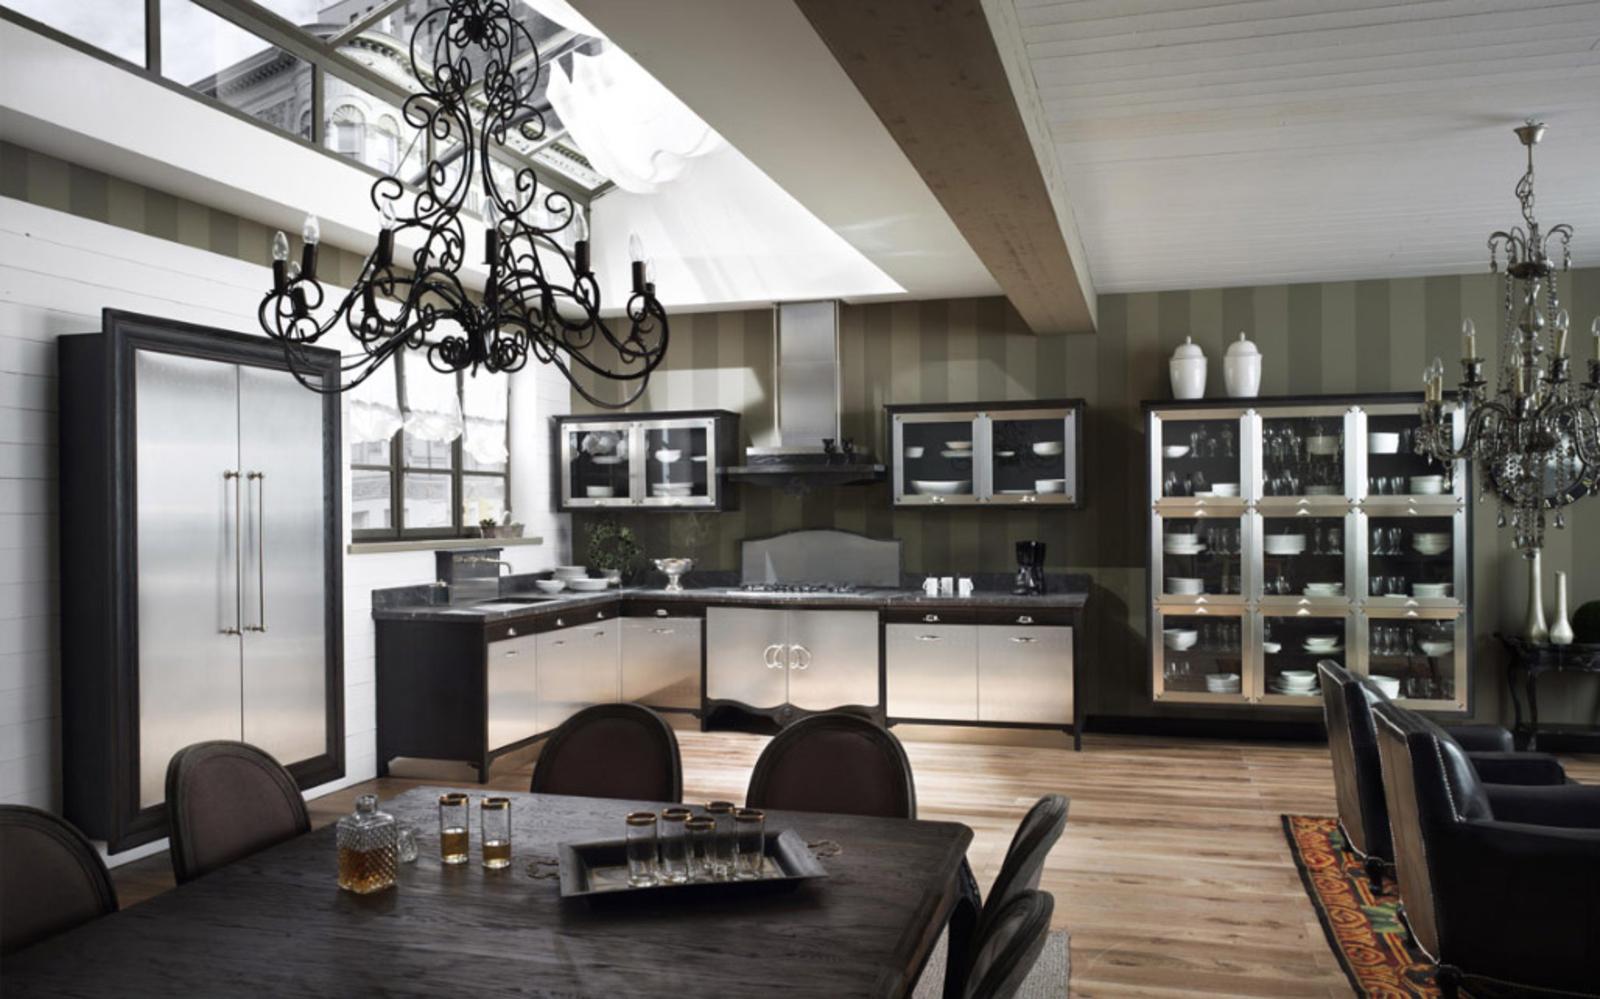 Modern classic kitchen interior design on vine for Modern classic design interior